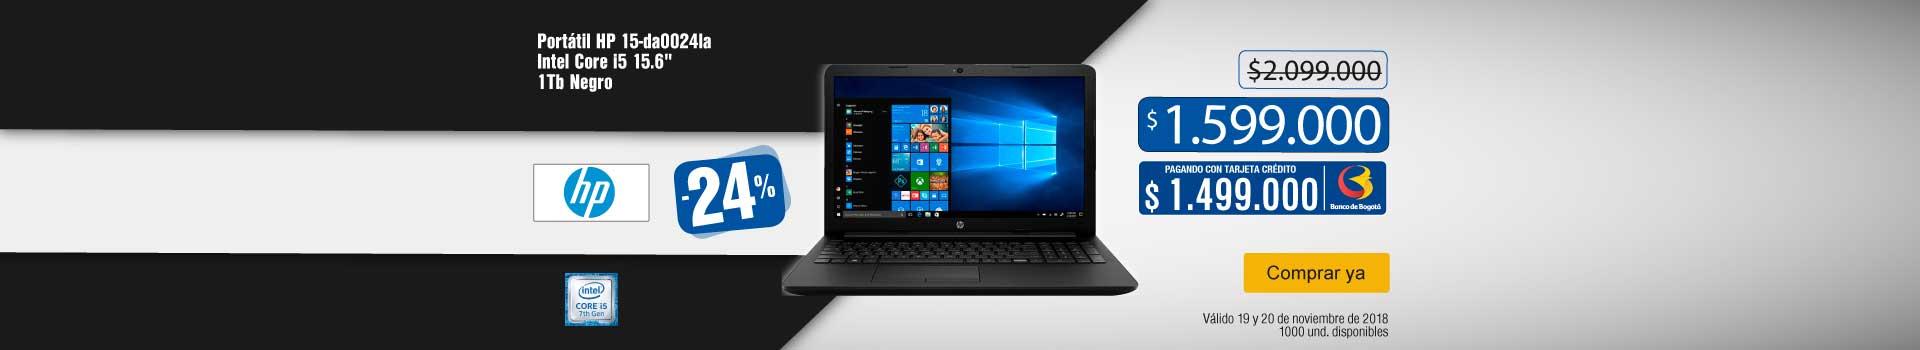 AK-KT-BCAT-1-computadores y tablets-PP---HP-Portátil HP 15-da0024la-Nov19